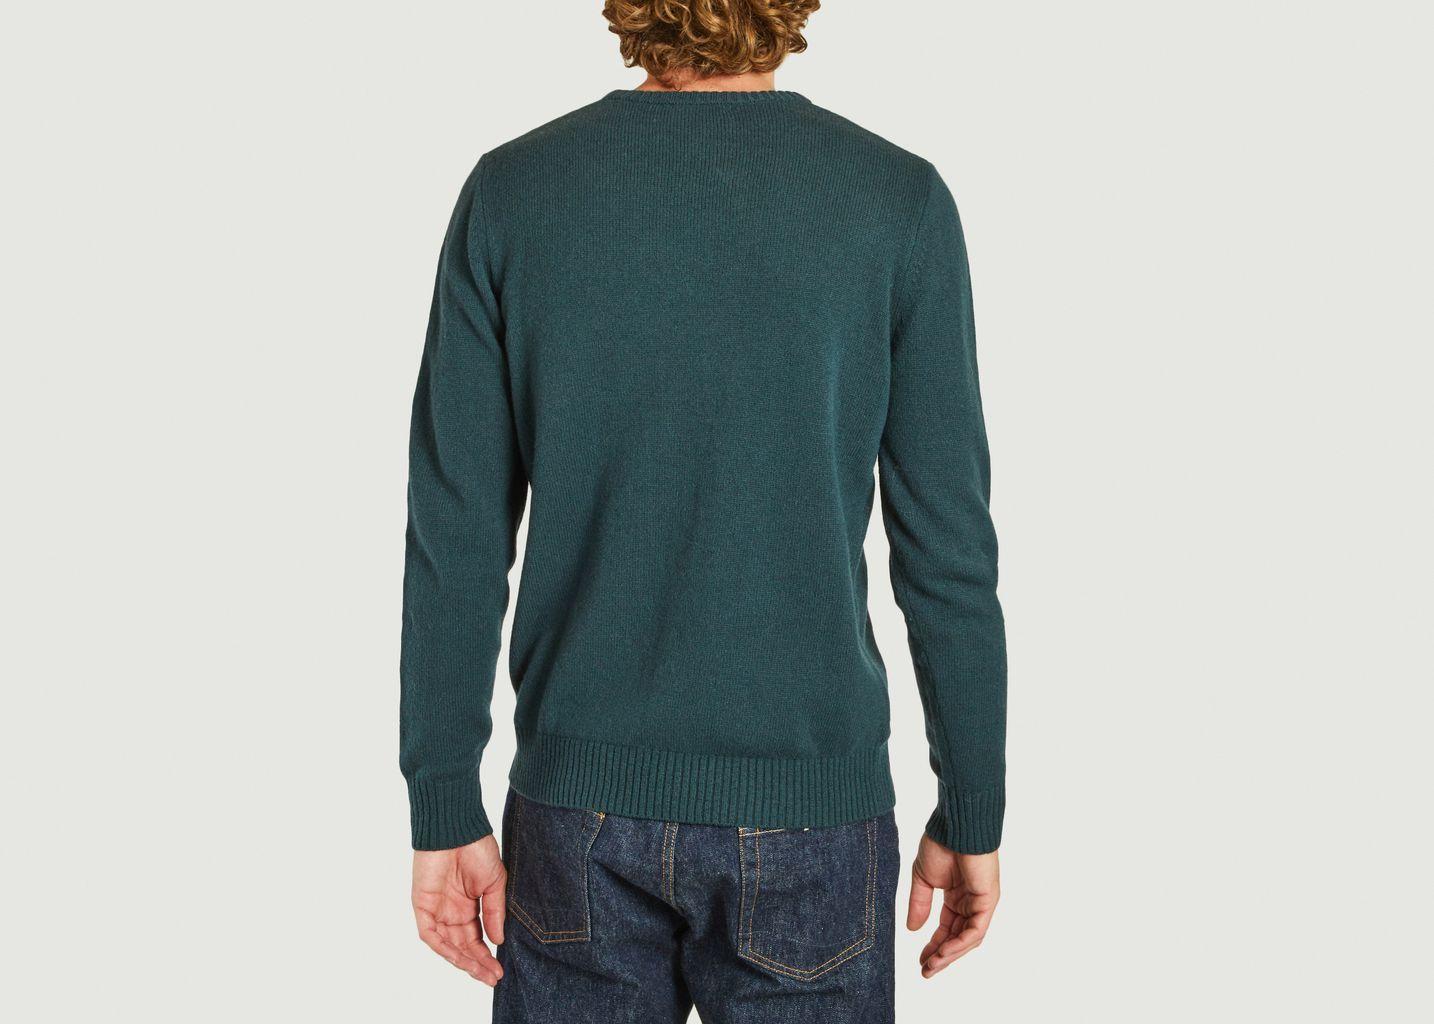 Pull Cotswold en laine d'agneau  - Wax London